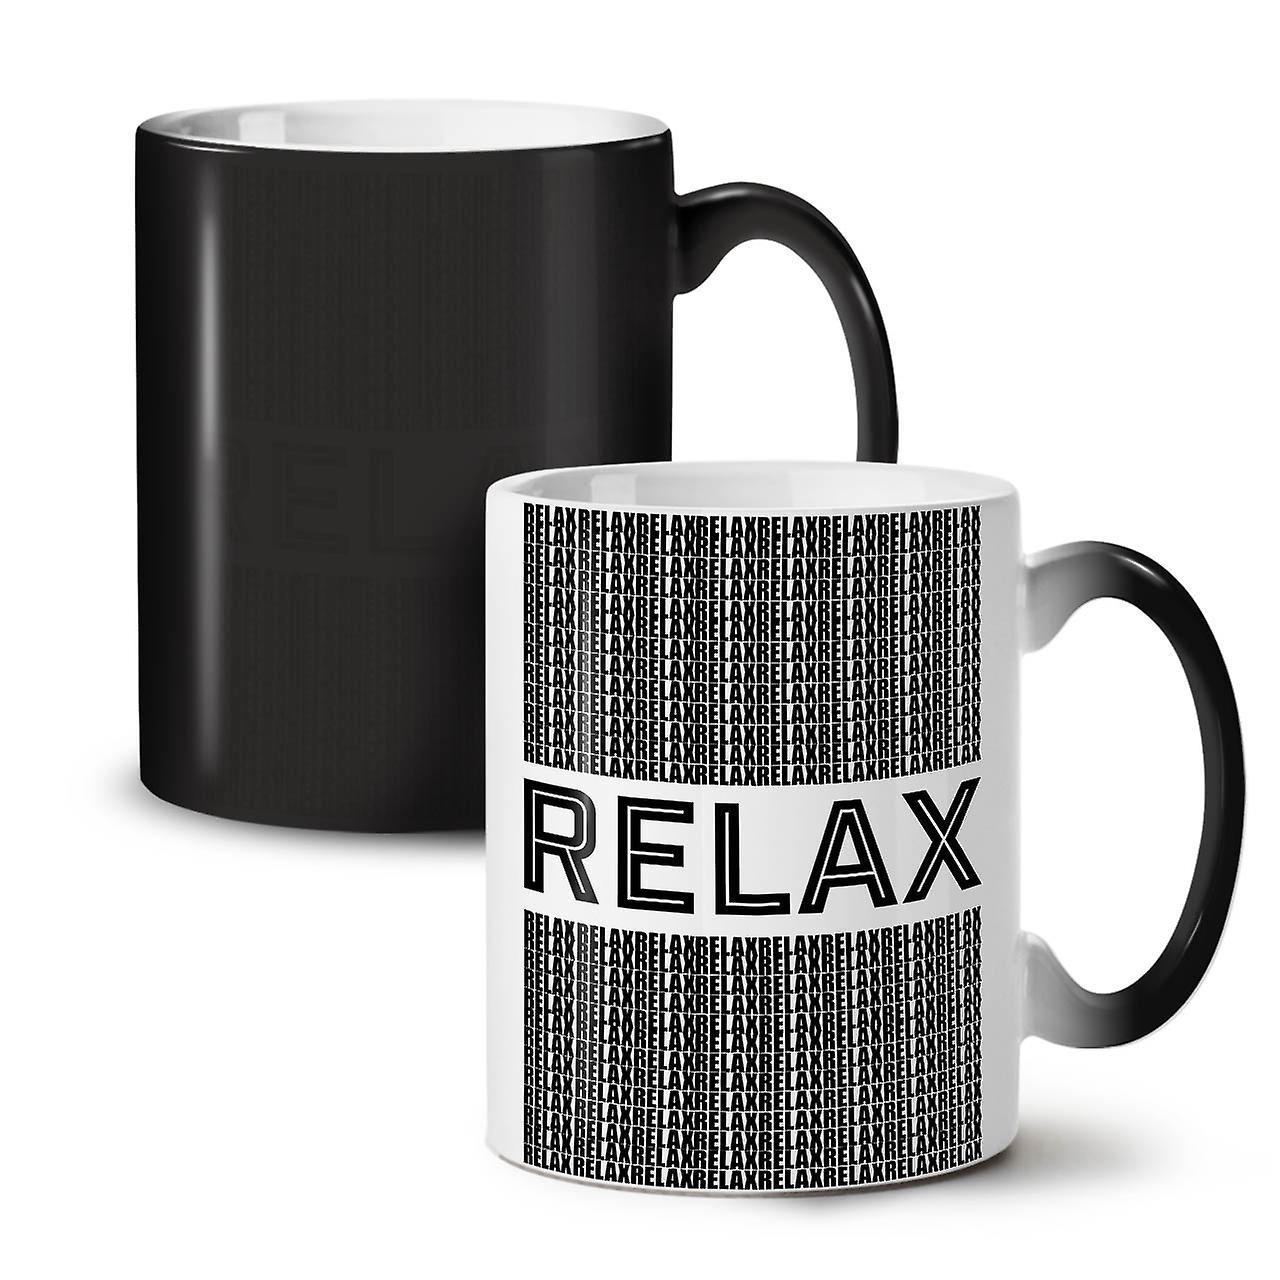 Citer Chill Céramique Couleur Nouvelle Noir Relax Tasse 11 OzWellcoda Thé Café Changeant CWorxdeB